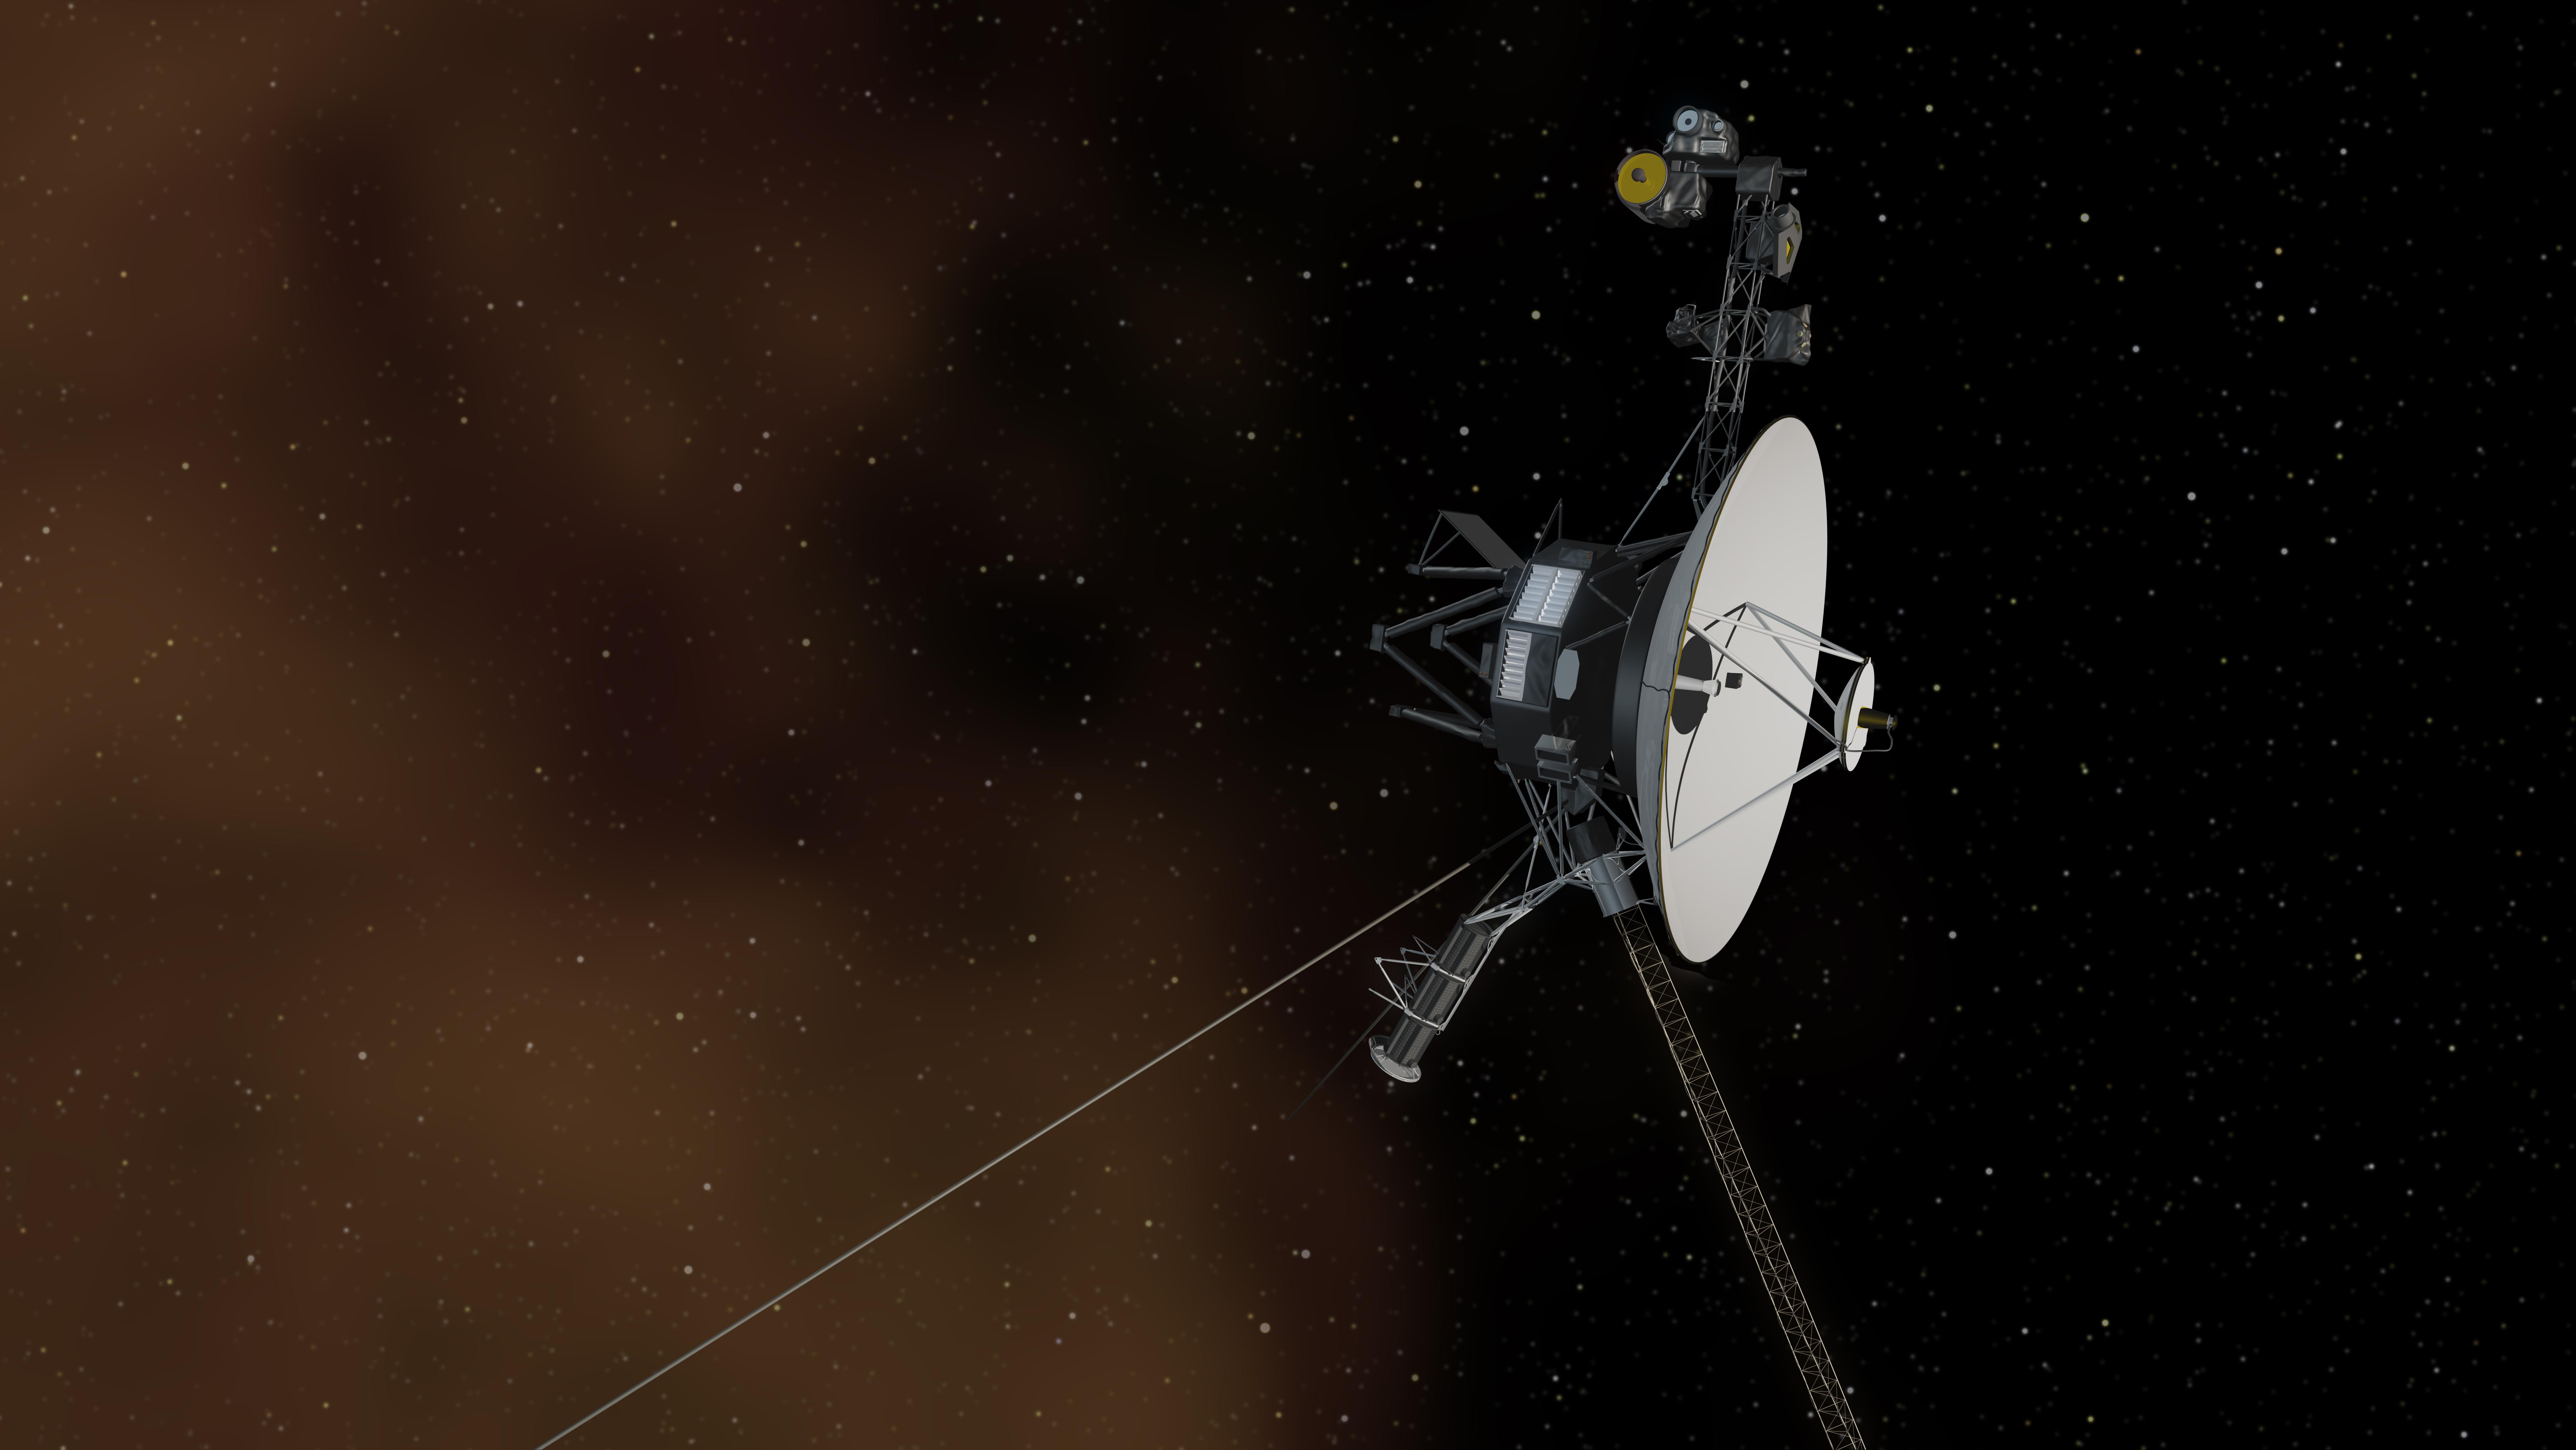 恒星間空間を旅するボイジャー(想像図)